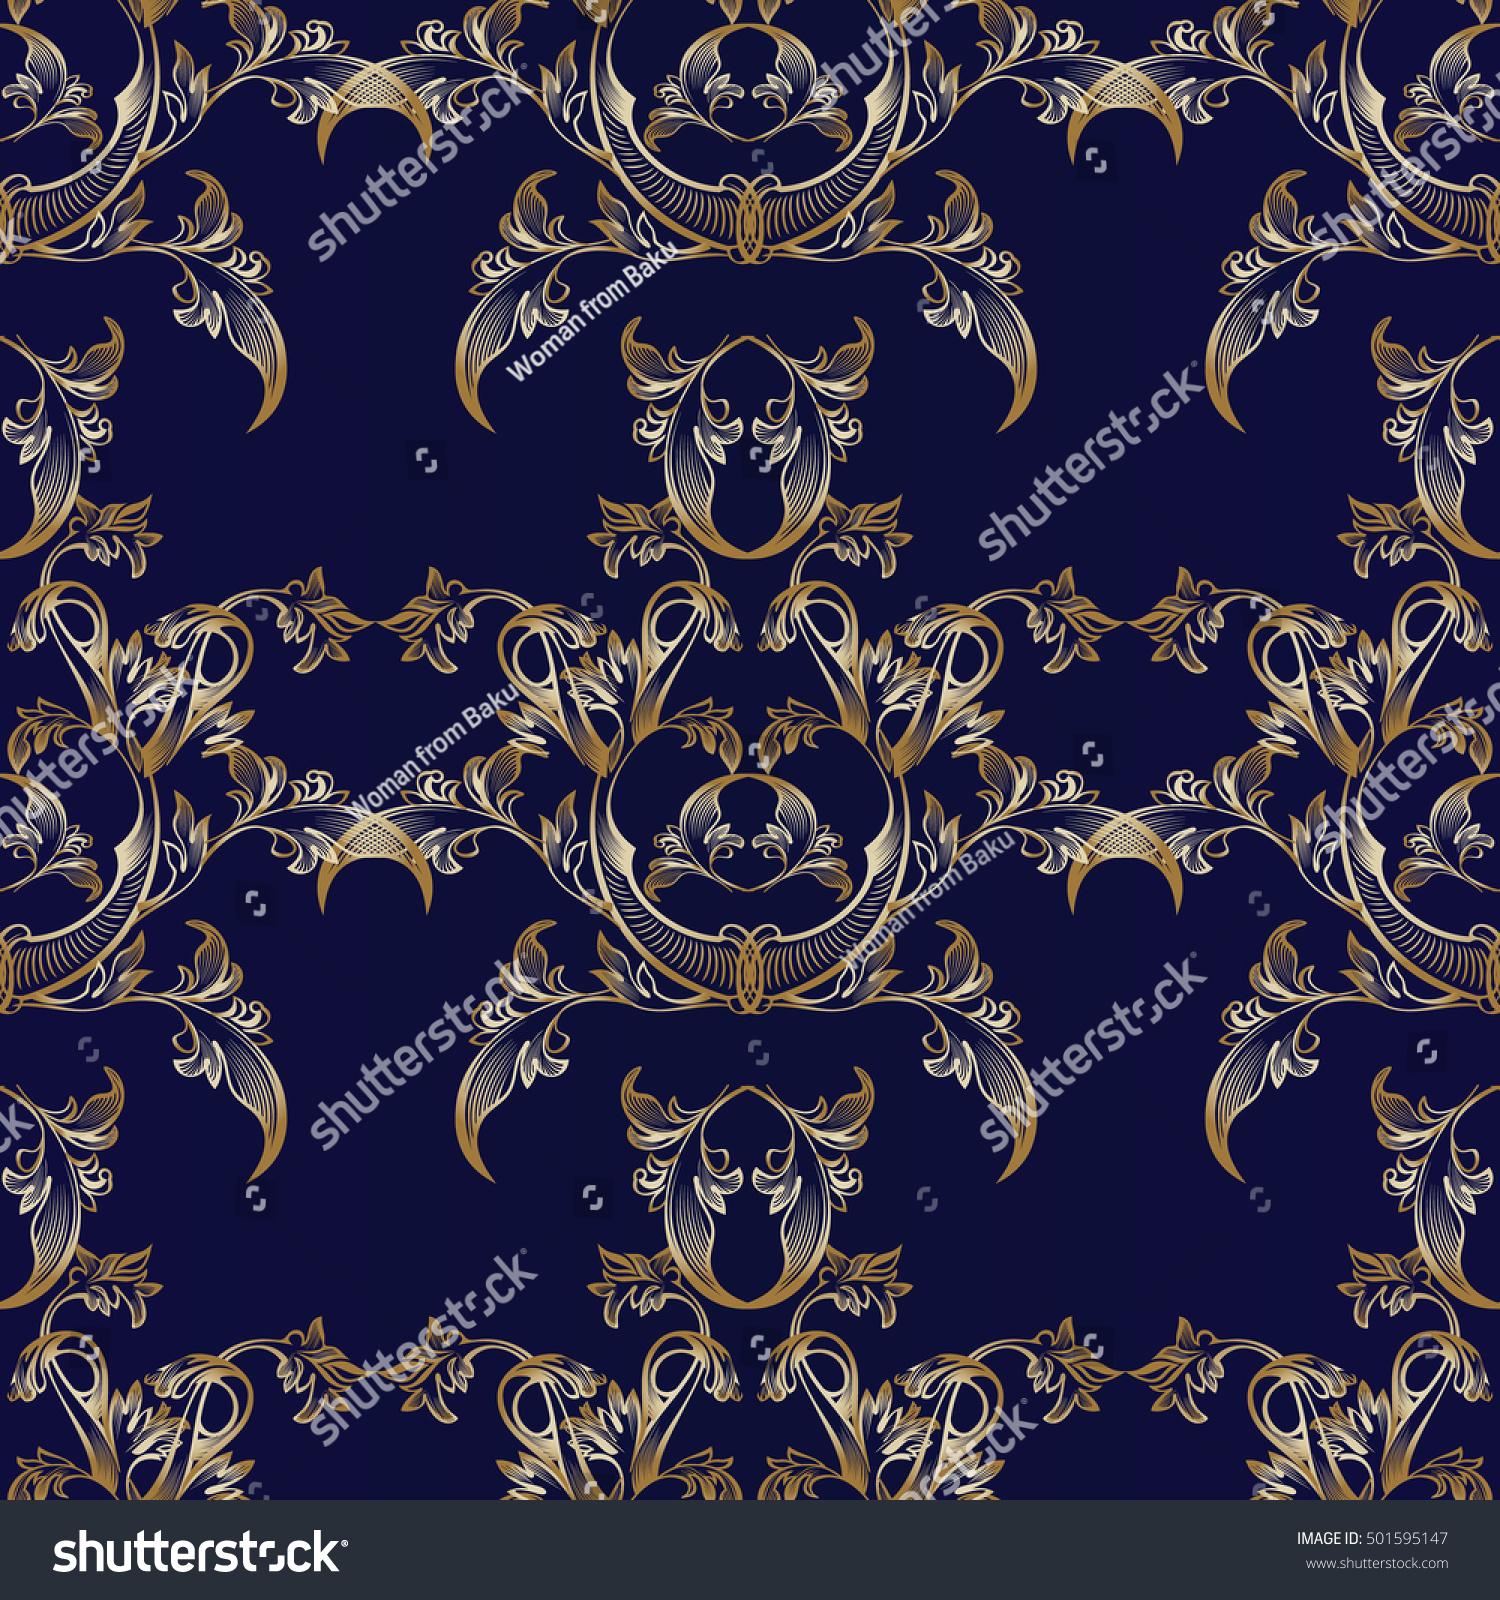 Elegant Dark Blue Floral Baroque Damask Vector Seamless Pattern Background Wallpaper Illustration With 3d Vintage Decorative